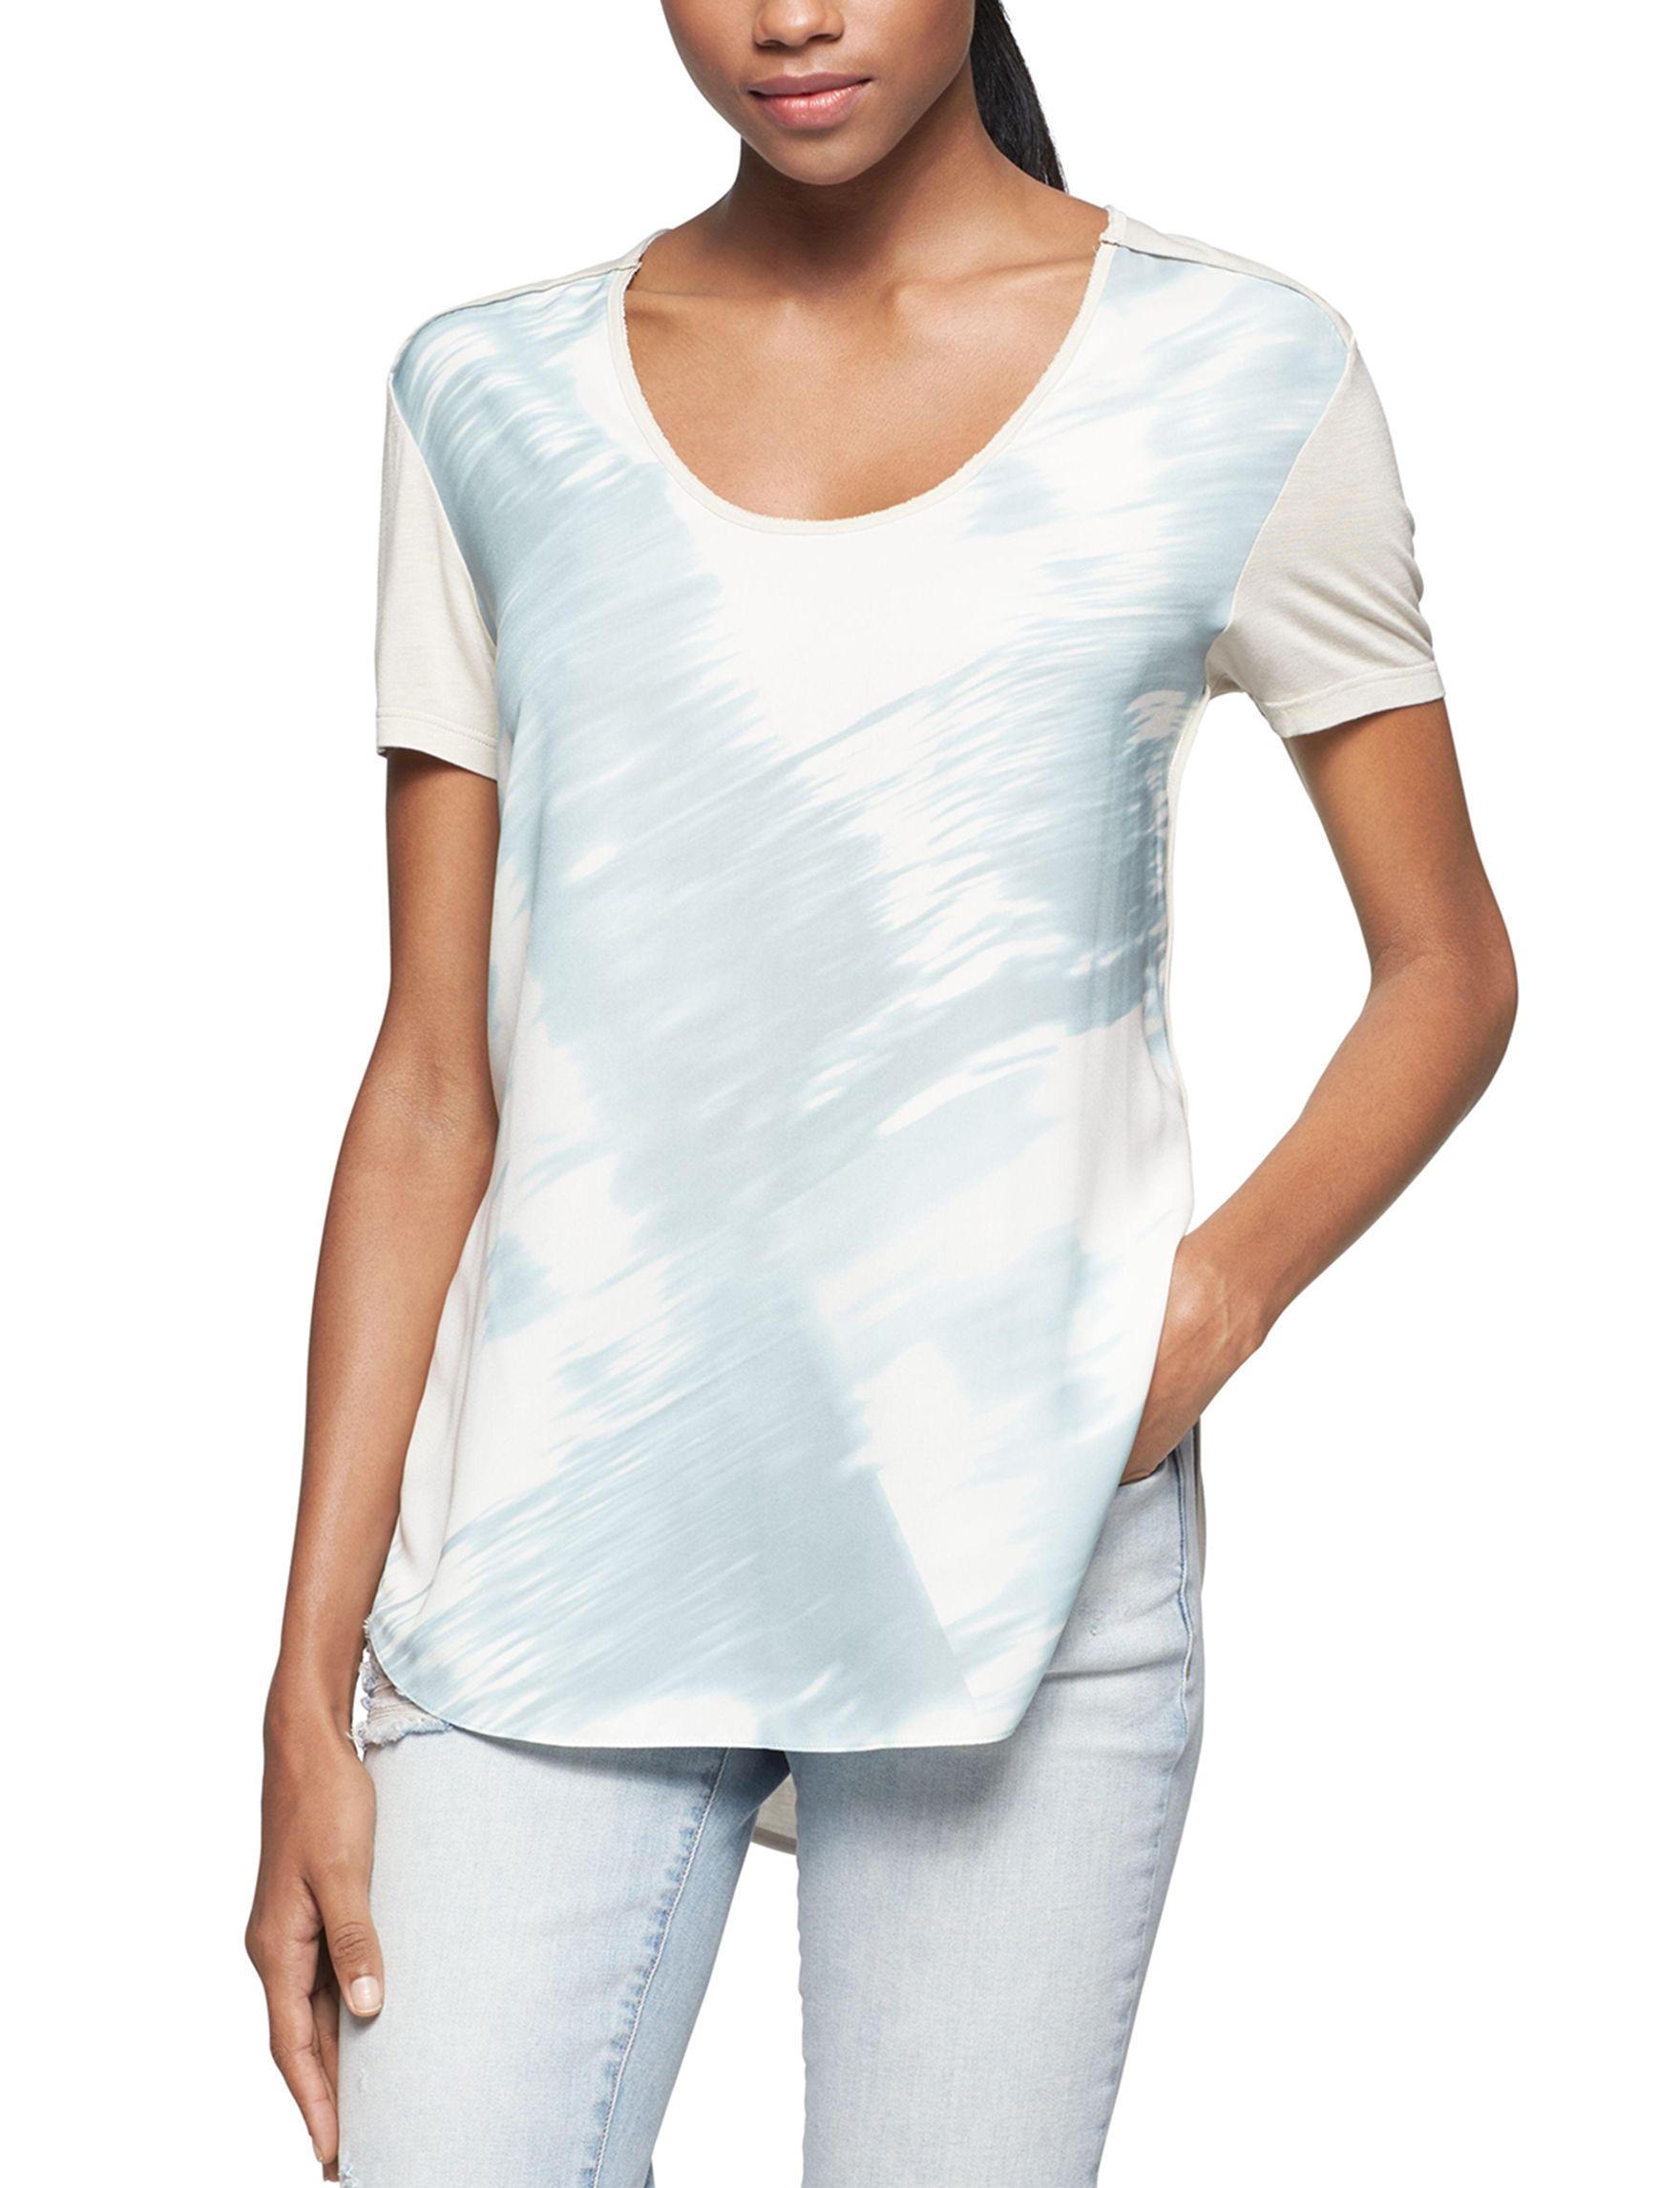 Calvin Klein Jeans Jade Tees & Tanks